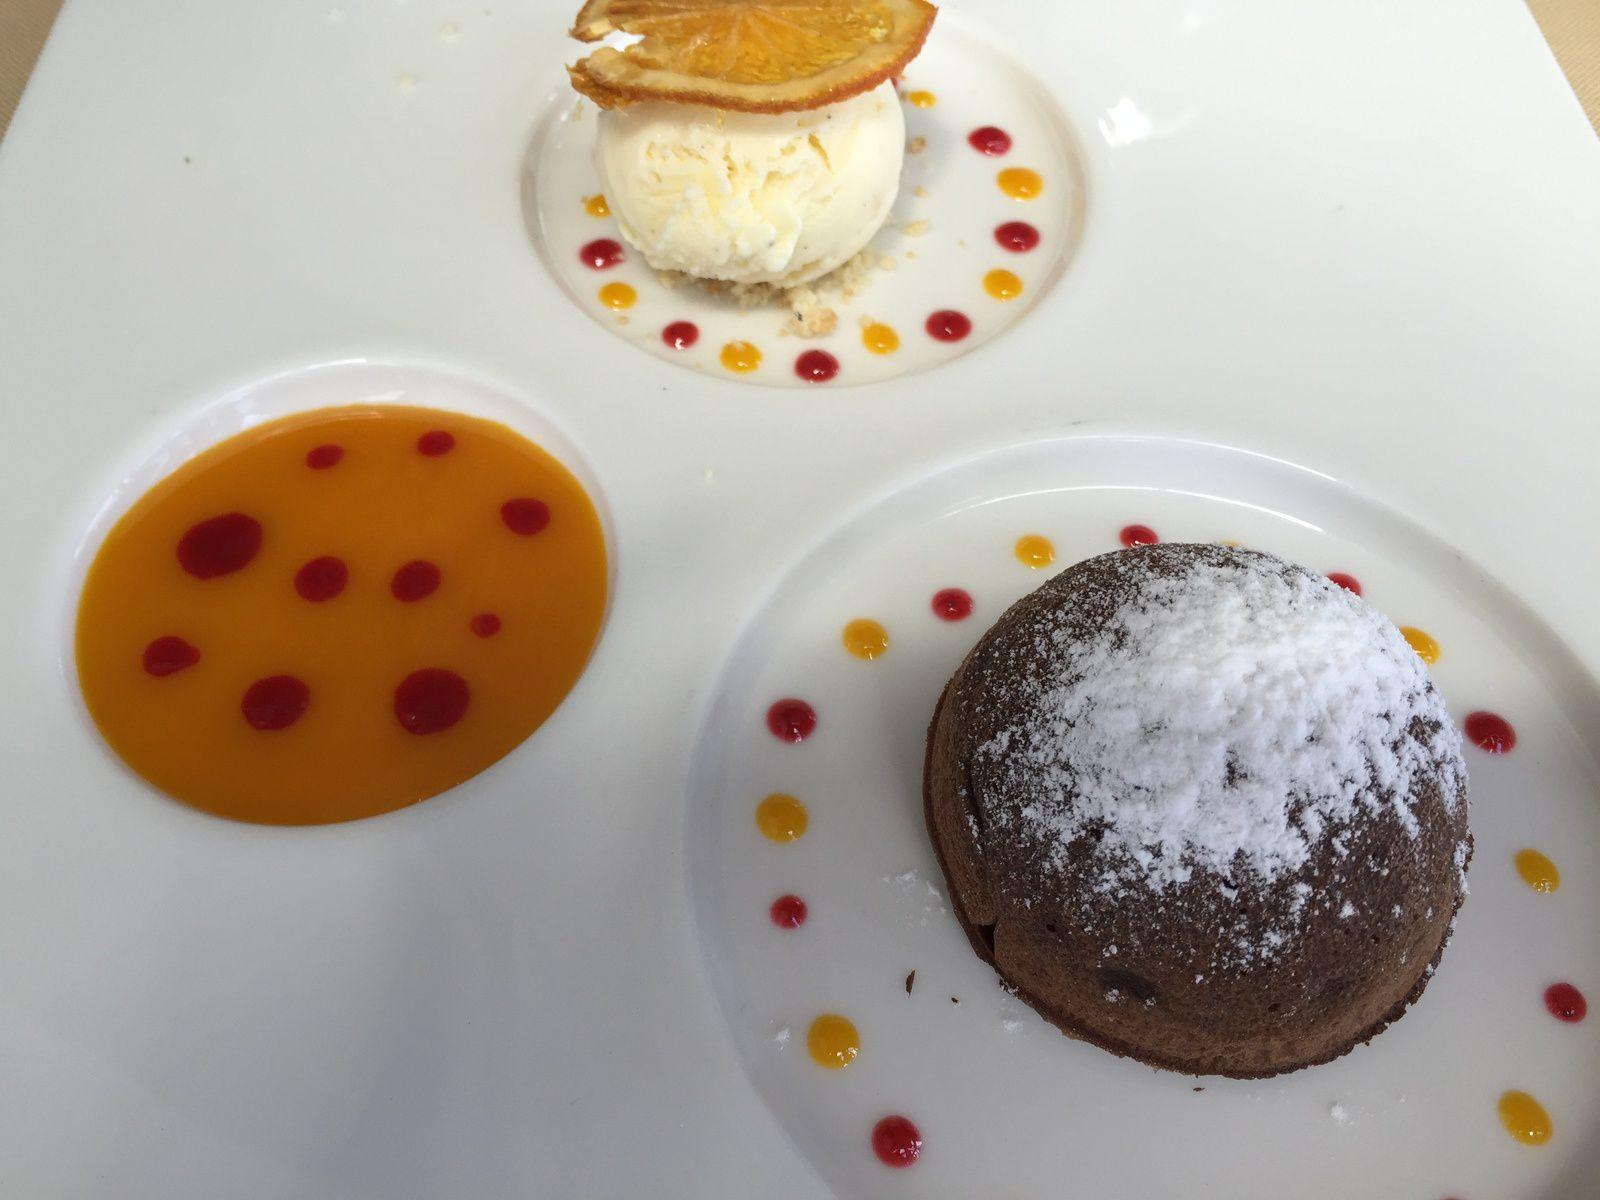 Cuisine plus raffinée dans divers hotels de prestiges.....